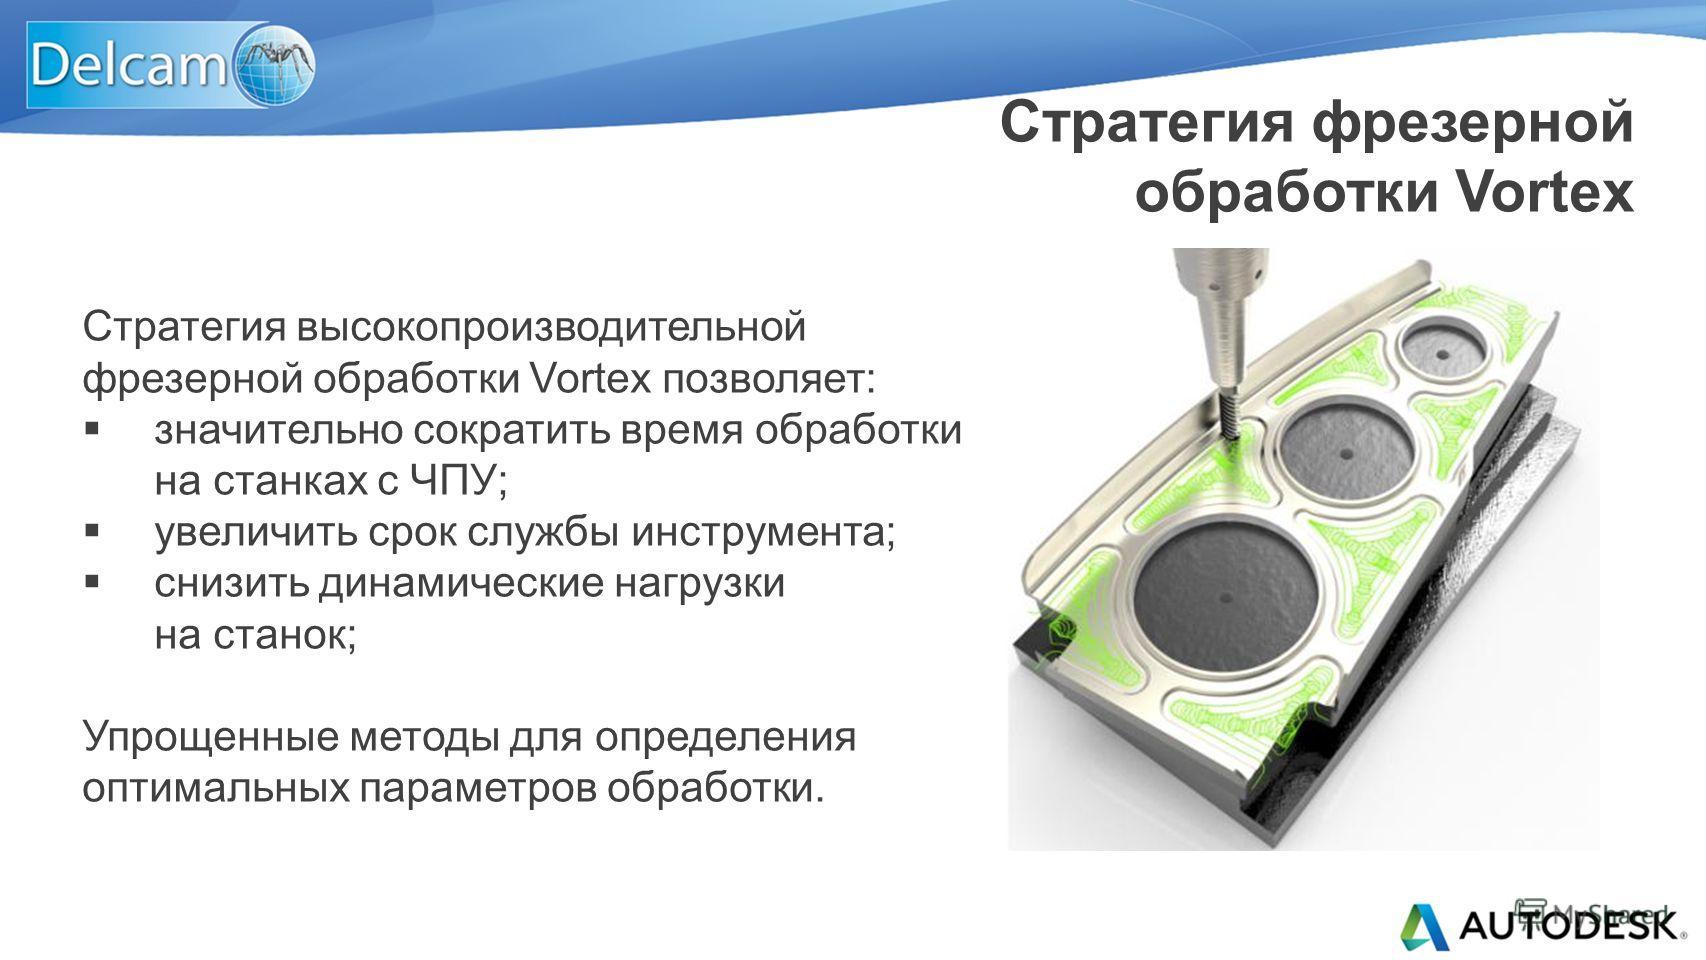 Стратегия высокопроизводительной фрезерной обработки Vortex позволяет: значительно сократить время обработки на станках с ЧПУ; увеличить срок службы инструмента; снизить динамические нагрузки на станок; Упрощенные методы для определения оптимальных п